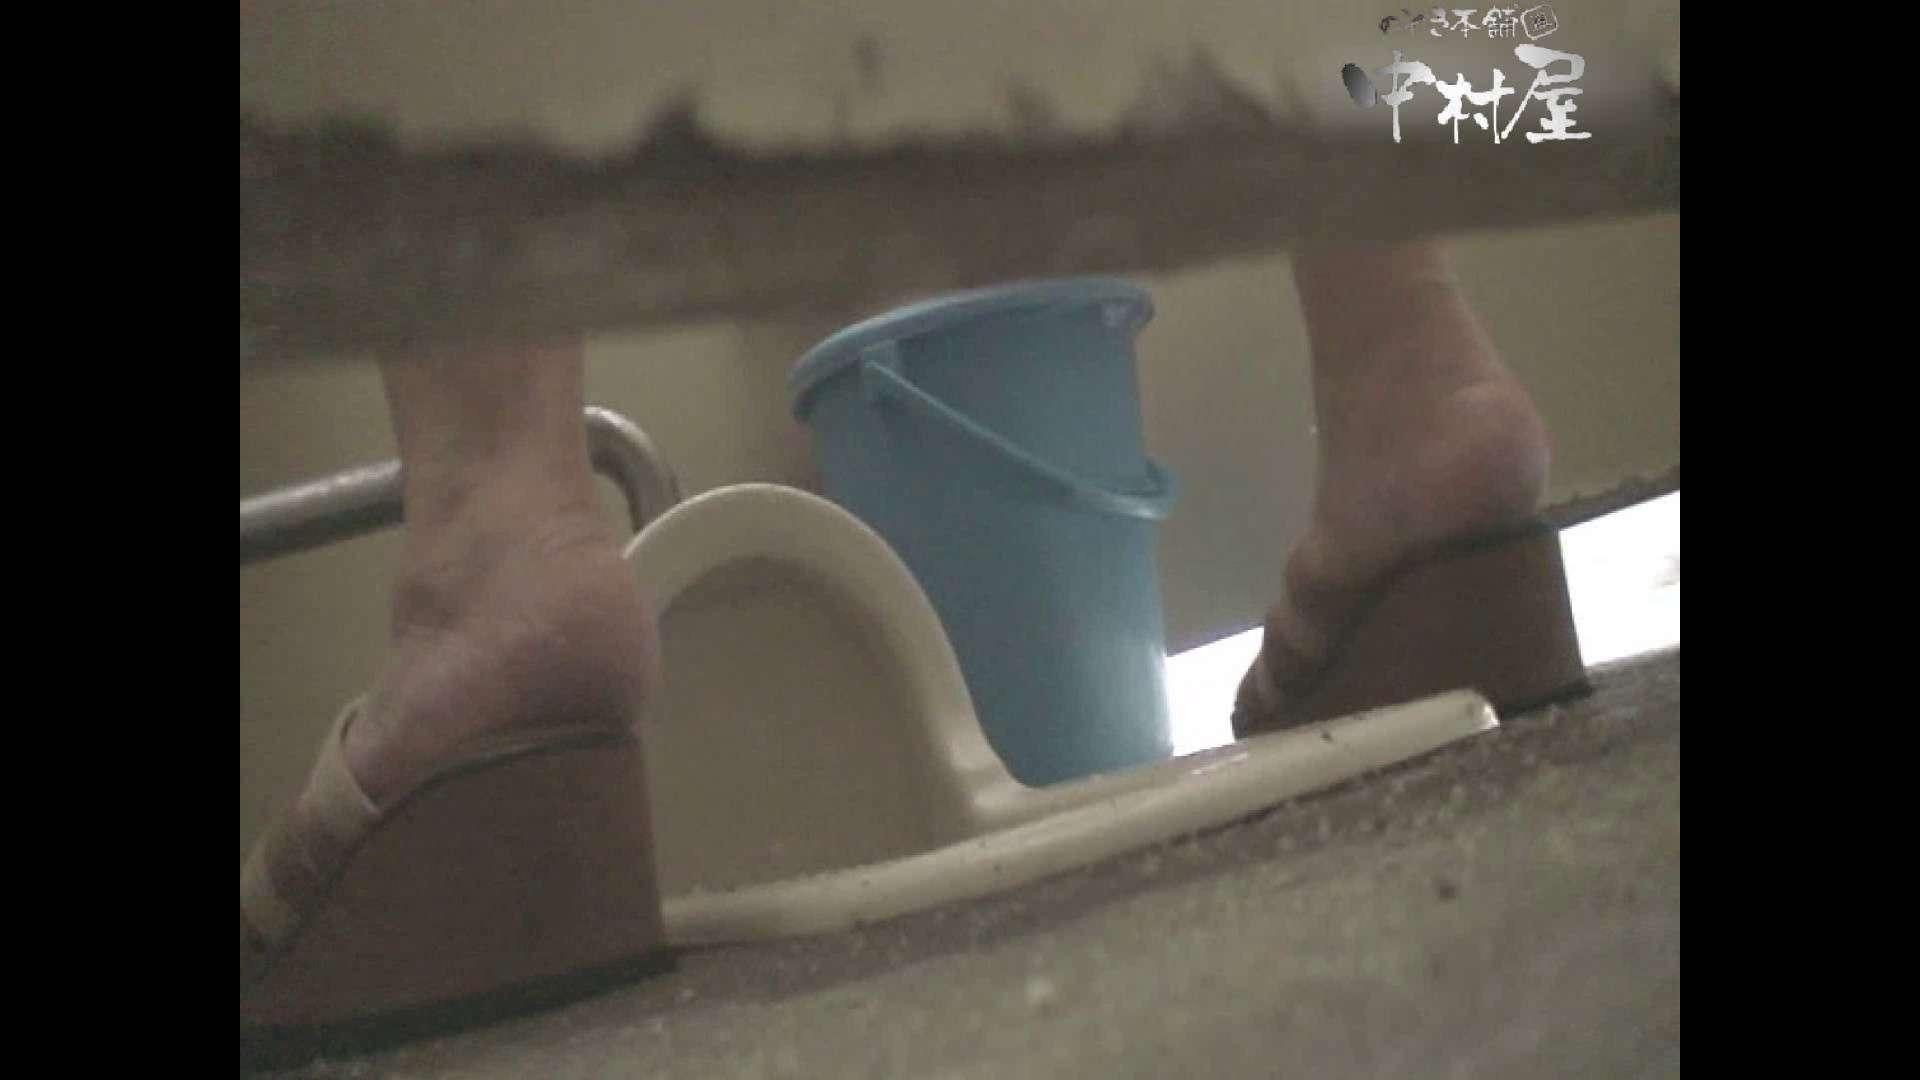 岩手県在住盗撮師盗撮記録vol.16 マンコ特別編 | 超エロお姉さん  77枚 7